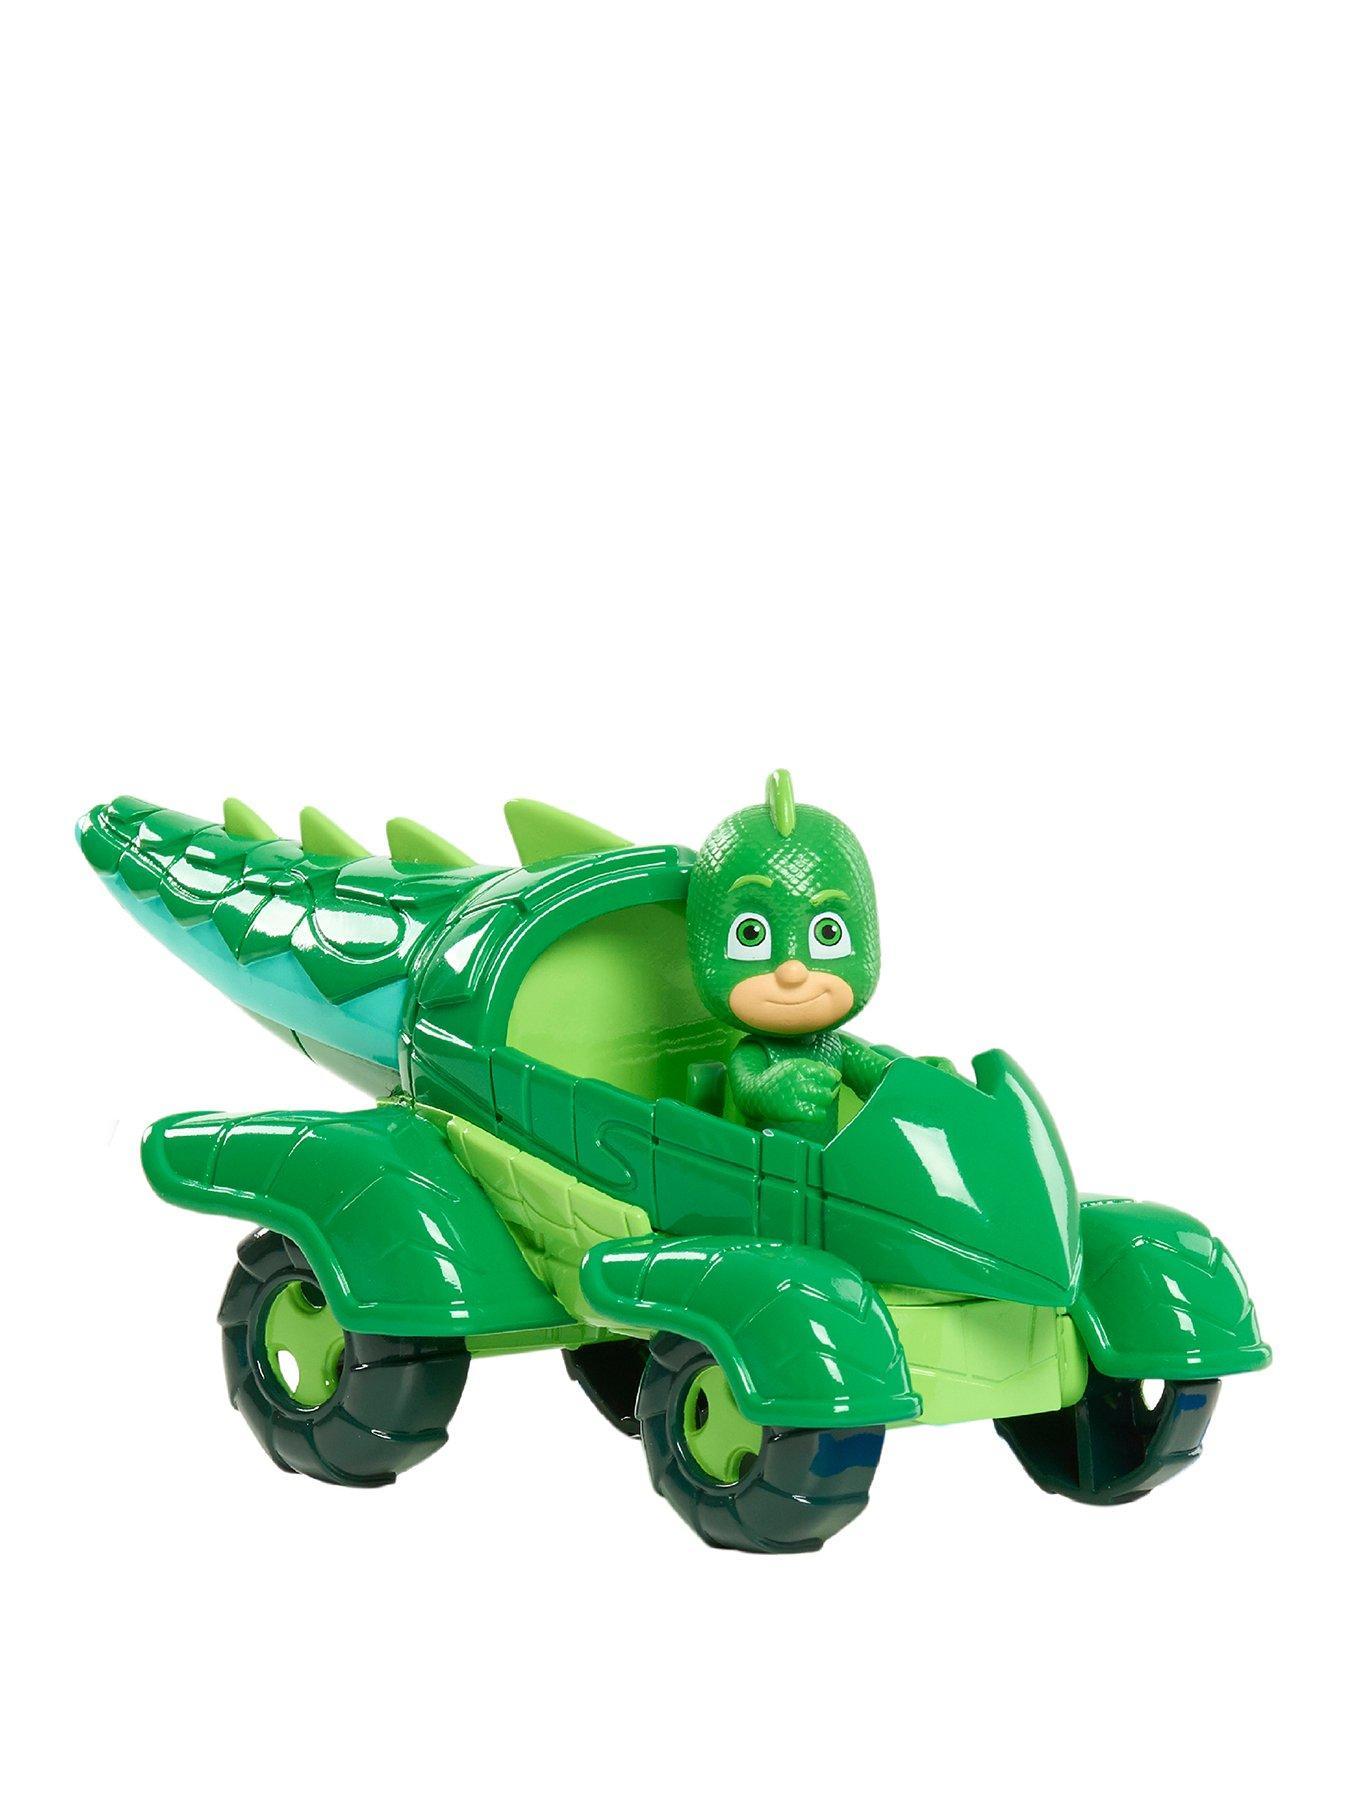 pj masks vehicle figure series 2 gekko